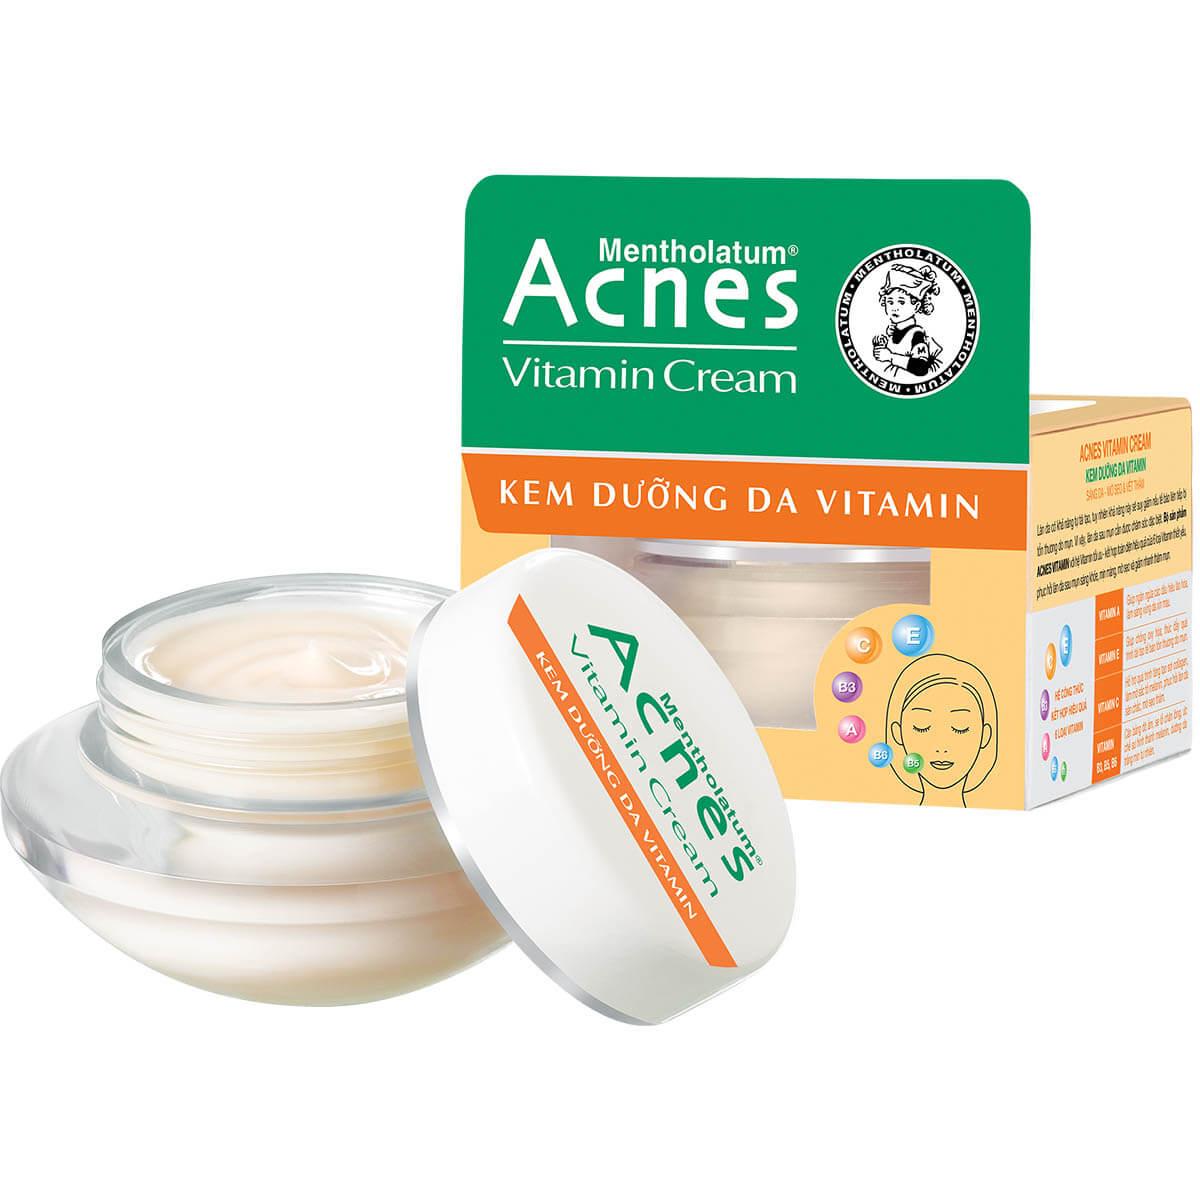 Kem Acnes Vitamin - Chống lão hóa da